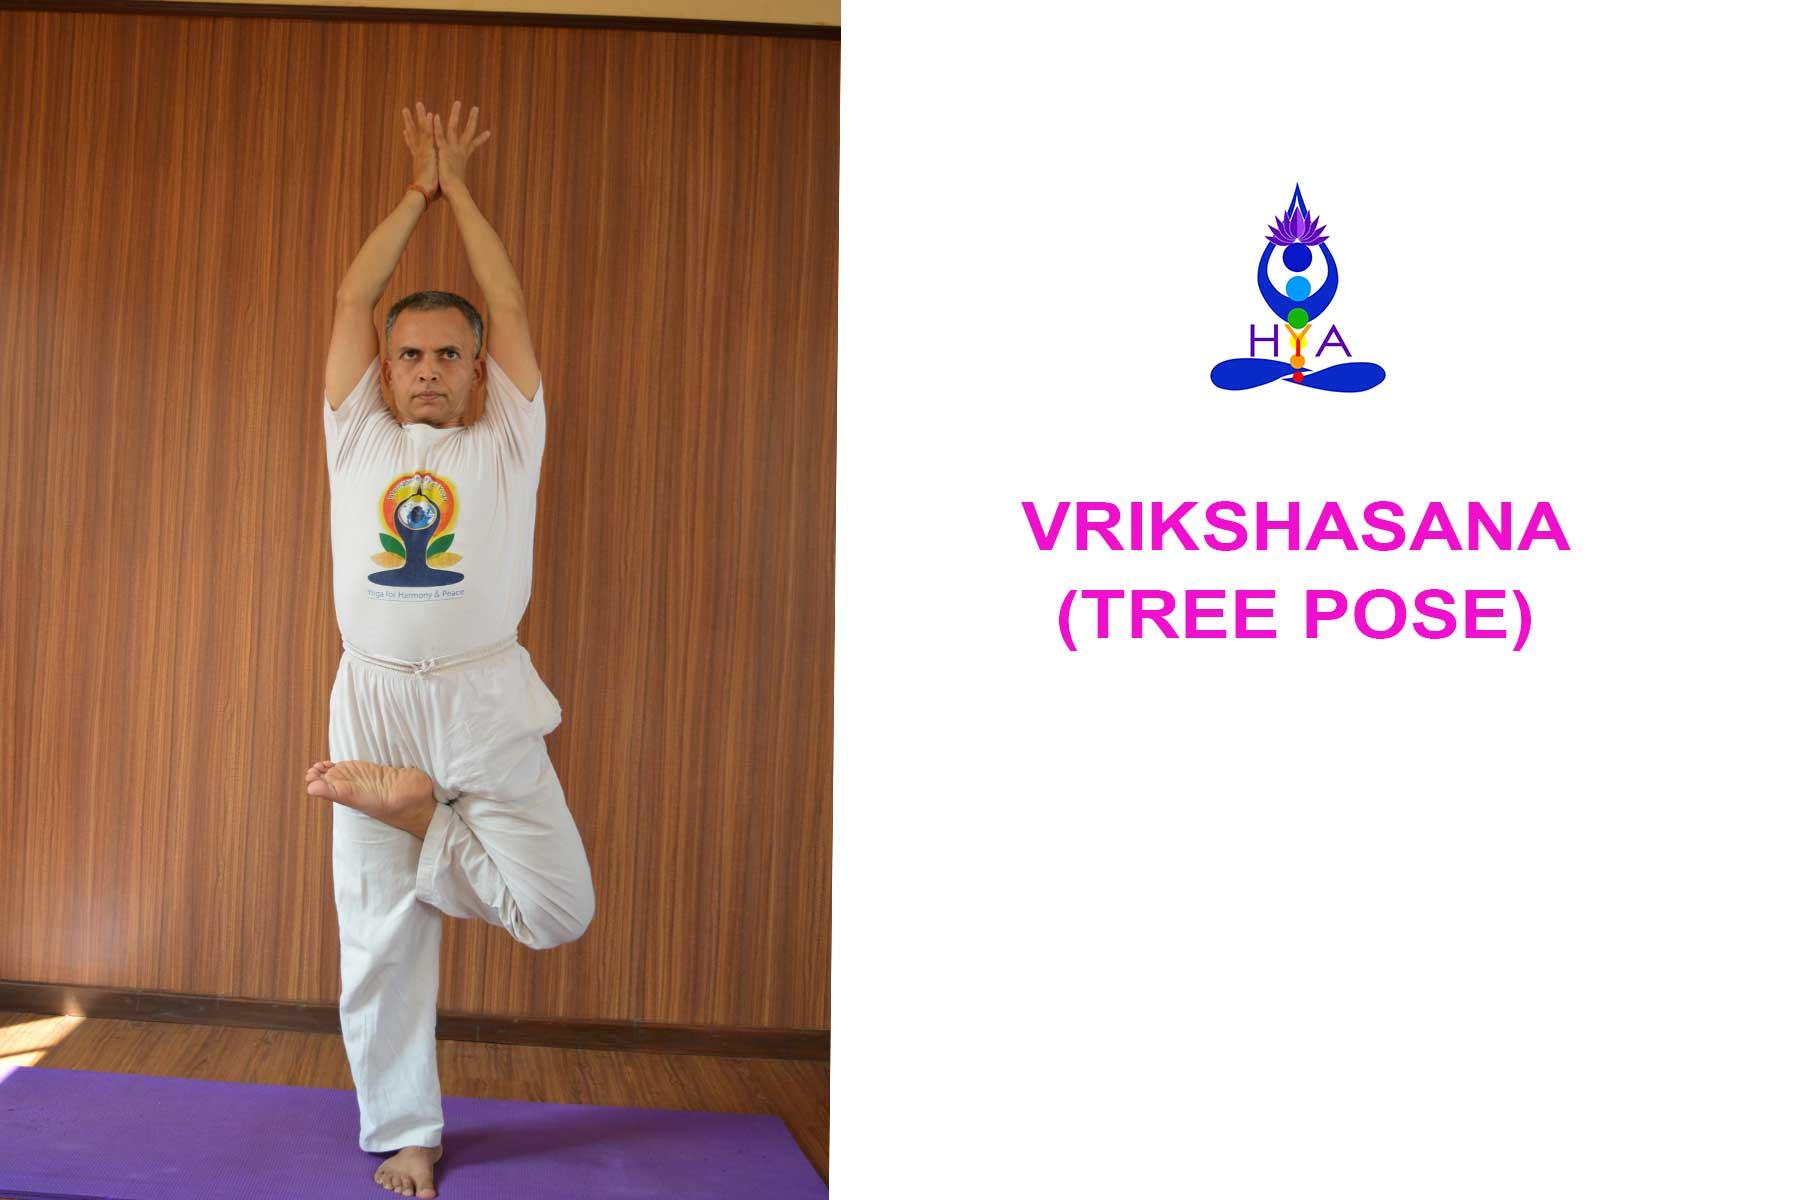 Vrikshasana & Tree pose